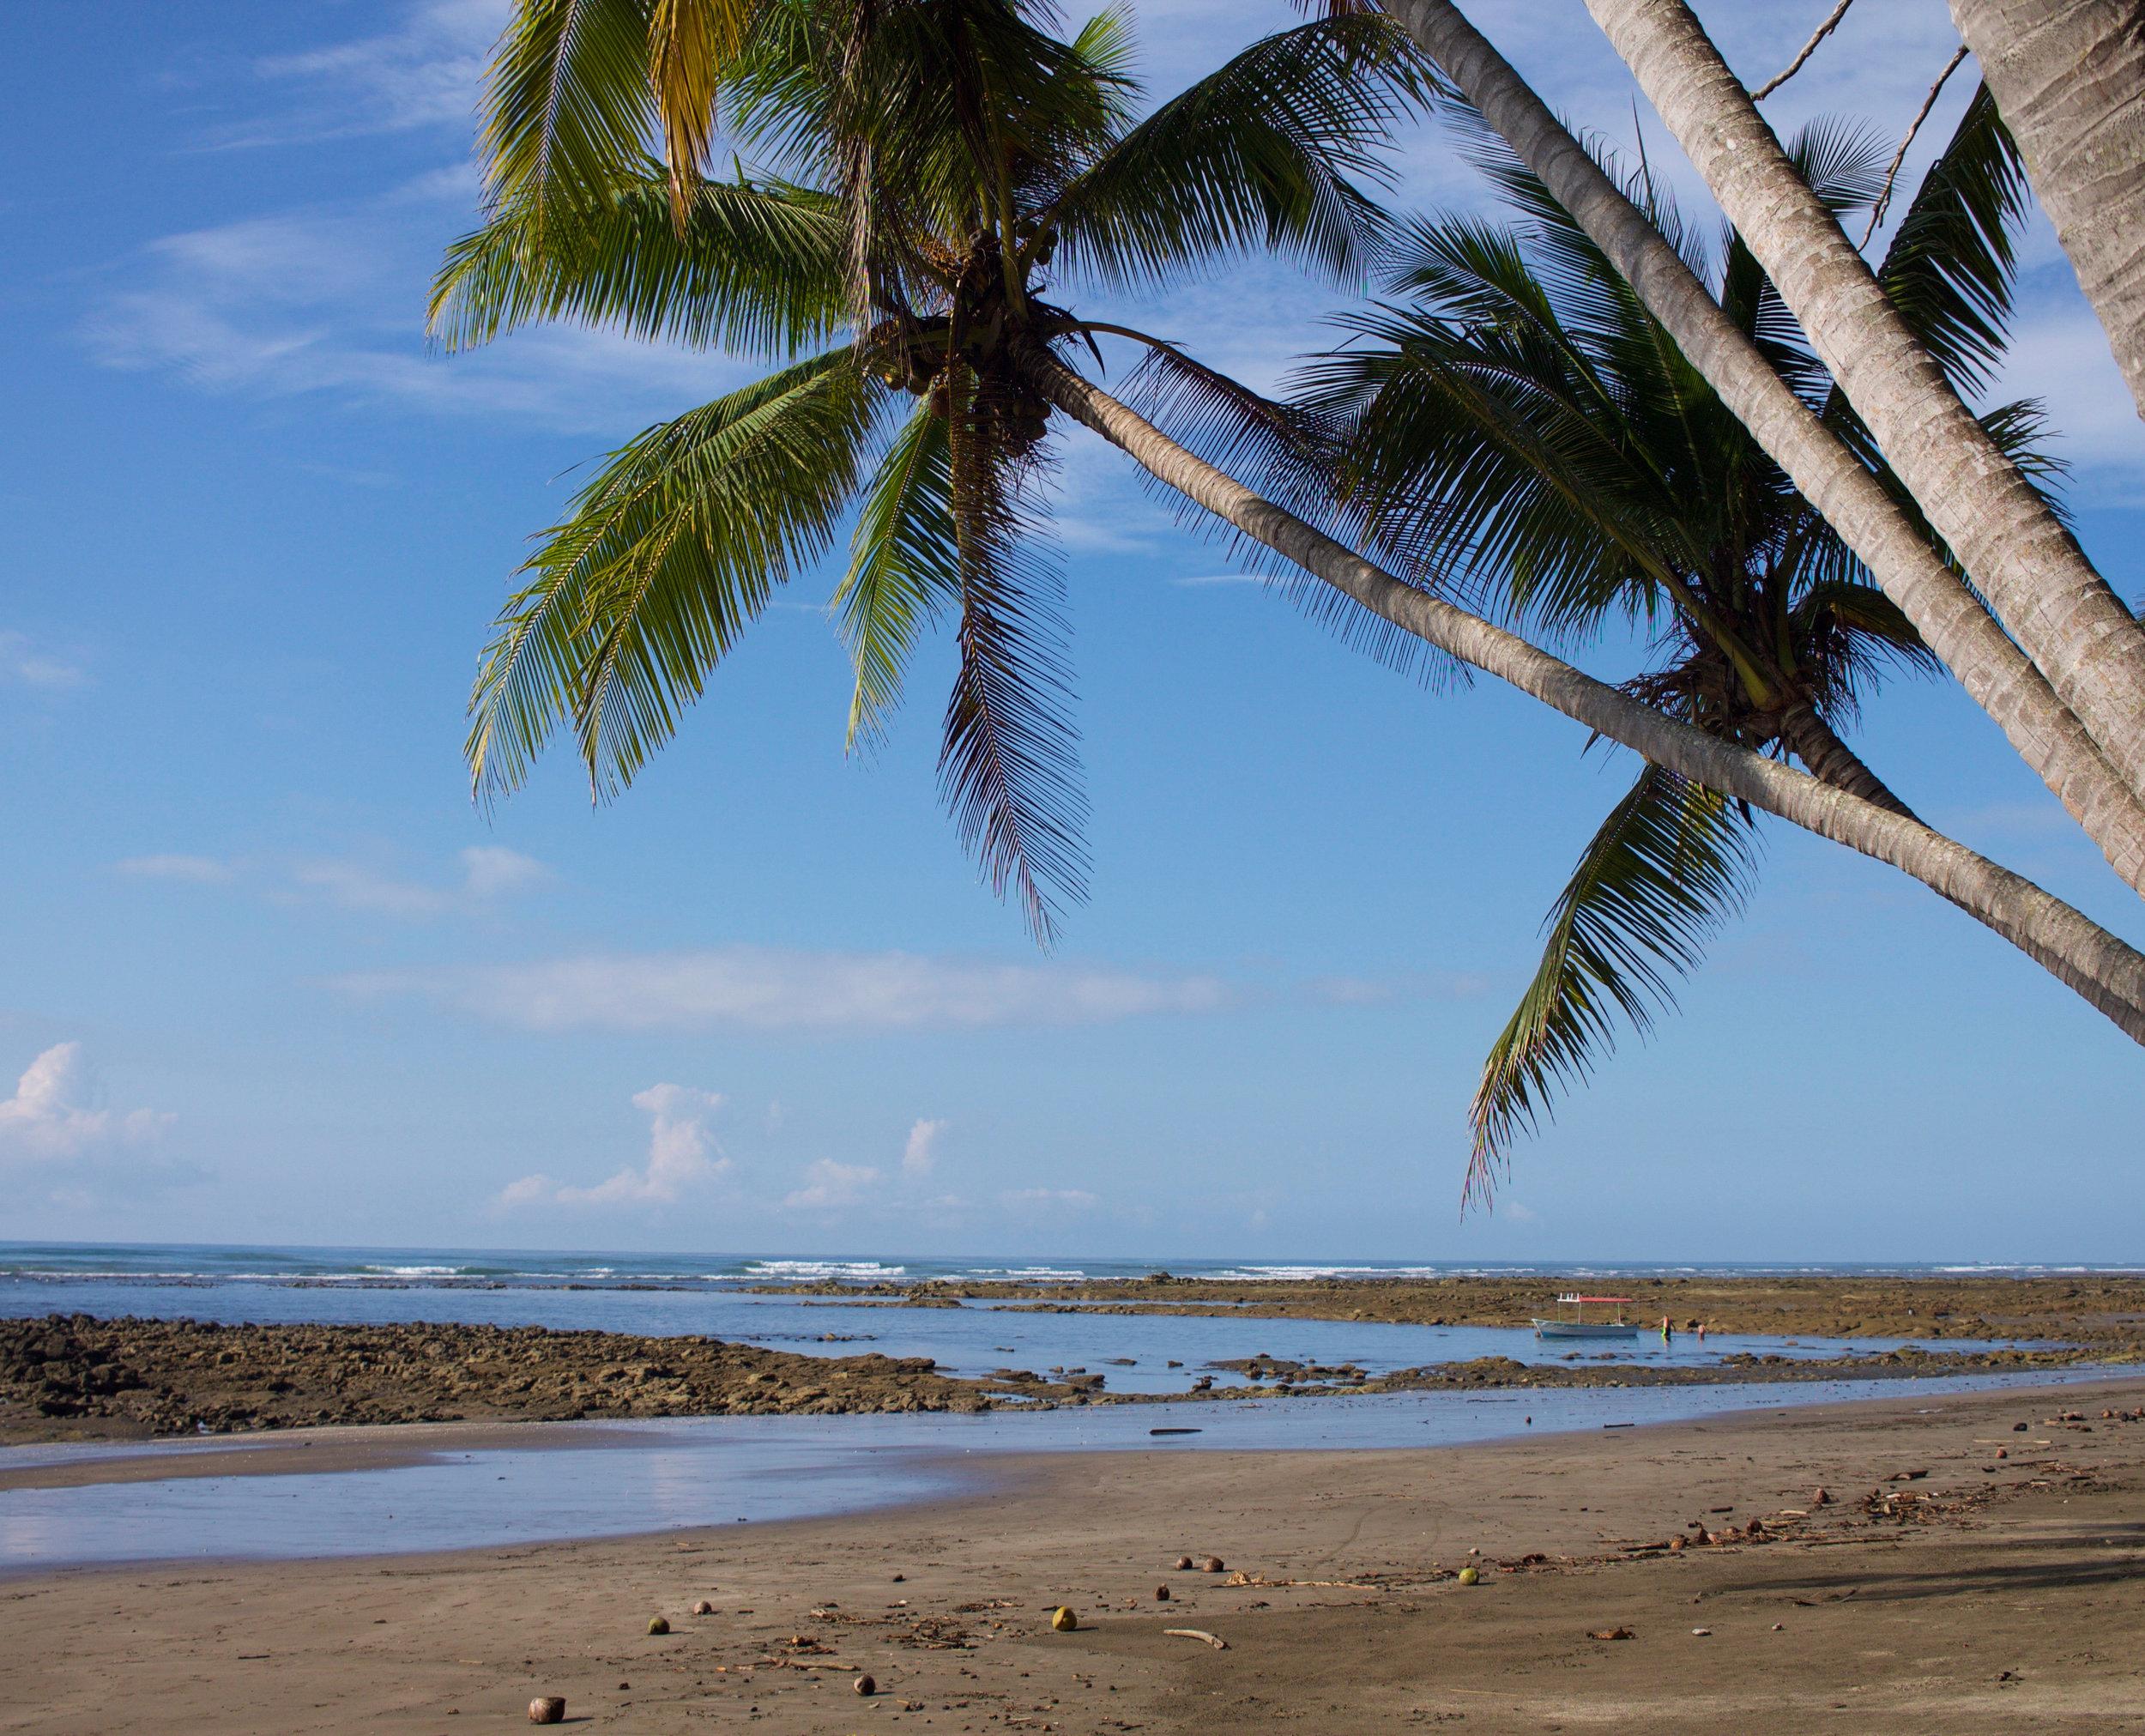 Enero en Costa Rica - Monteverde, Santa Teresa y Playa Esterillos